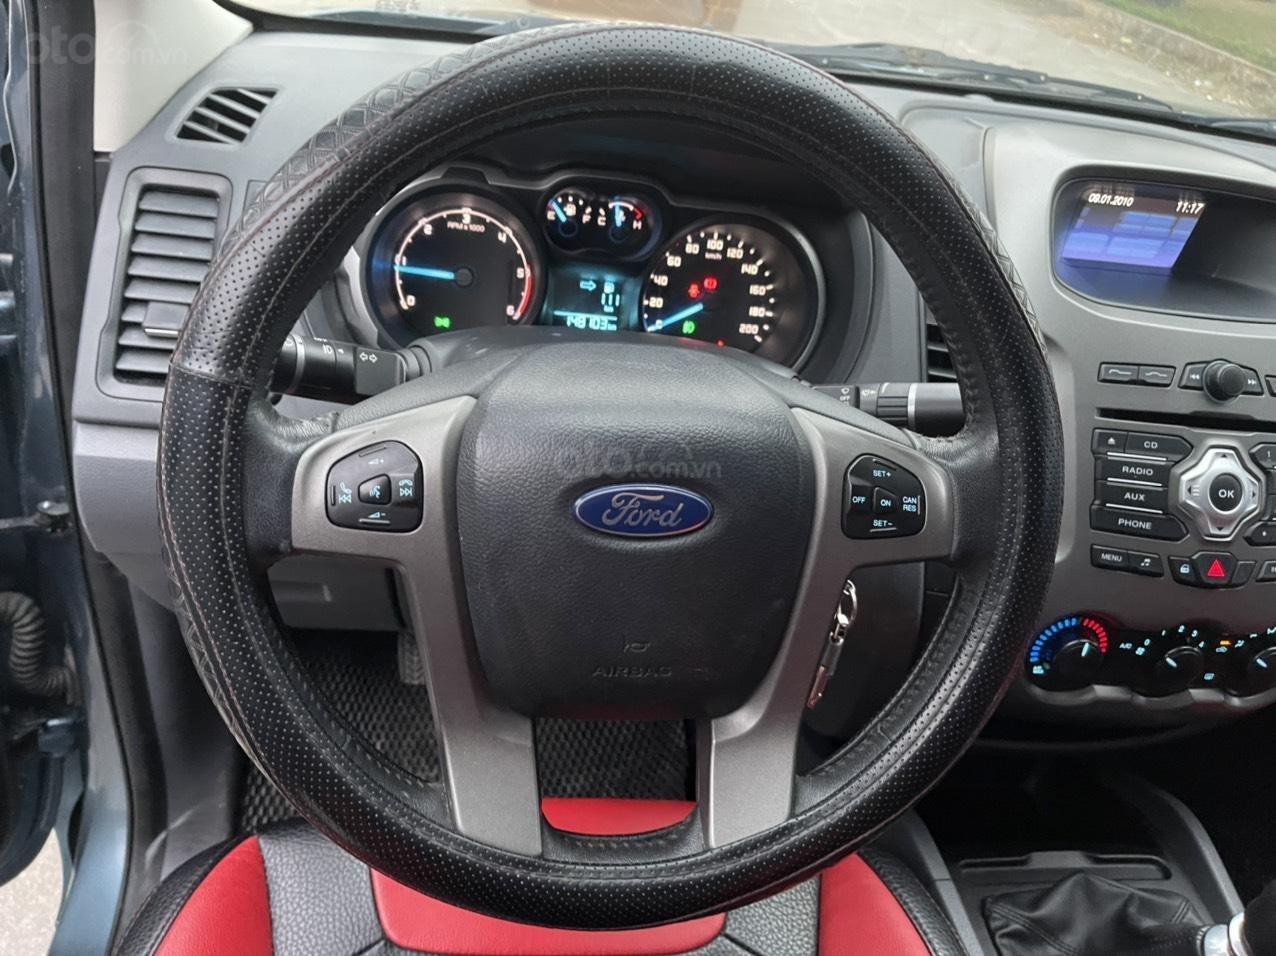 Ford Ranger XLT số sàn 2 cầu sx 2014, giá 456tr (8)